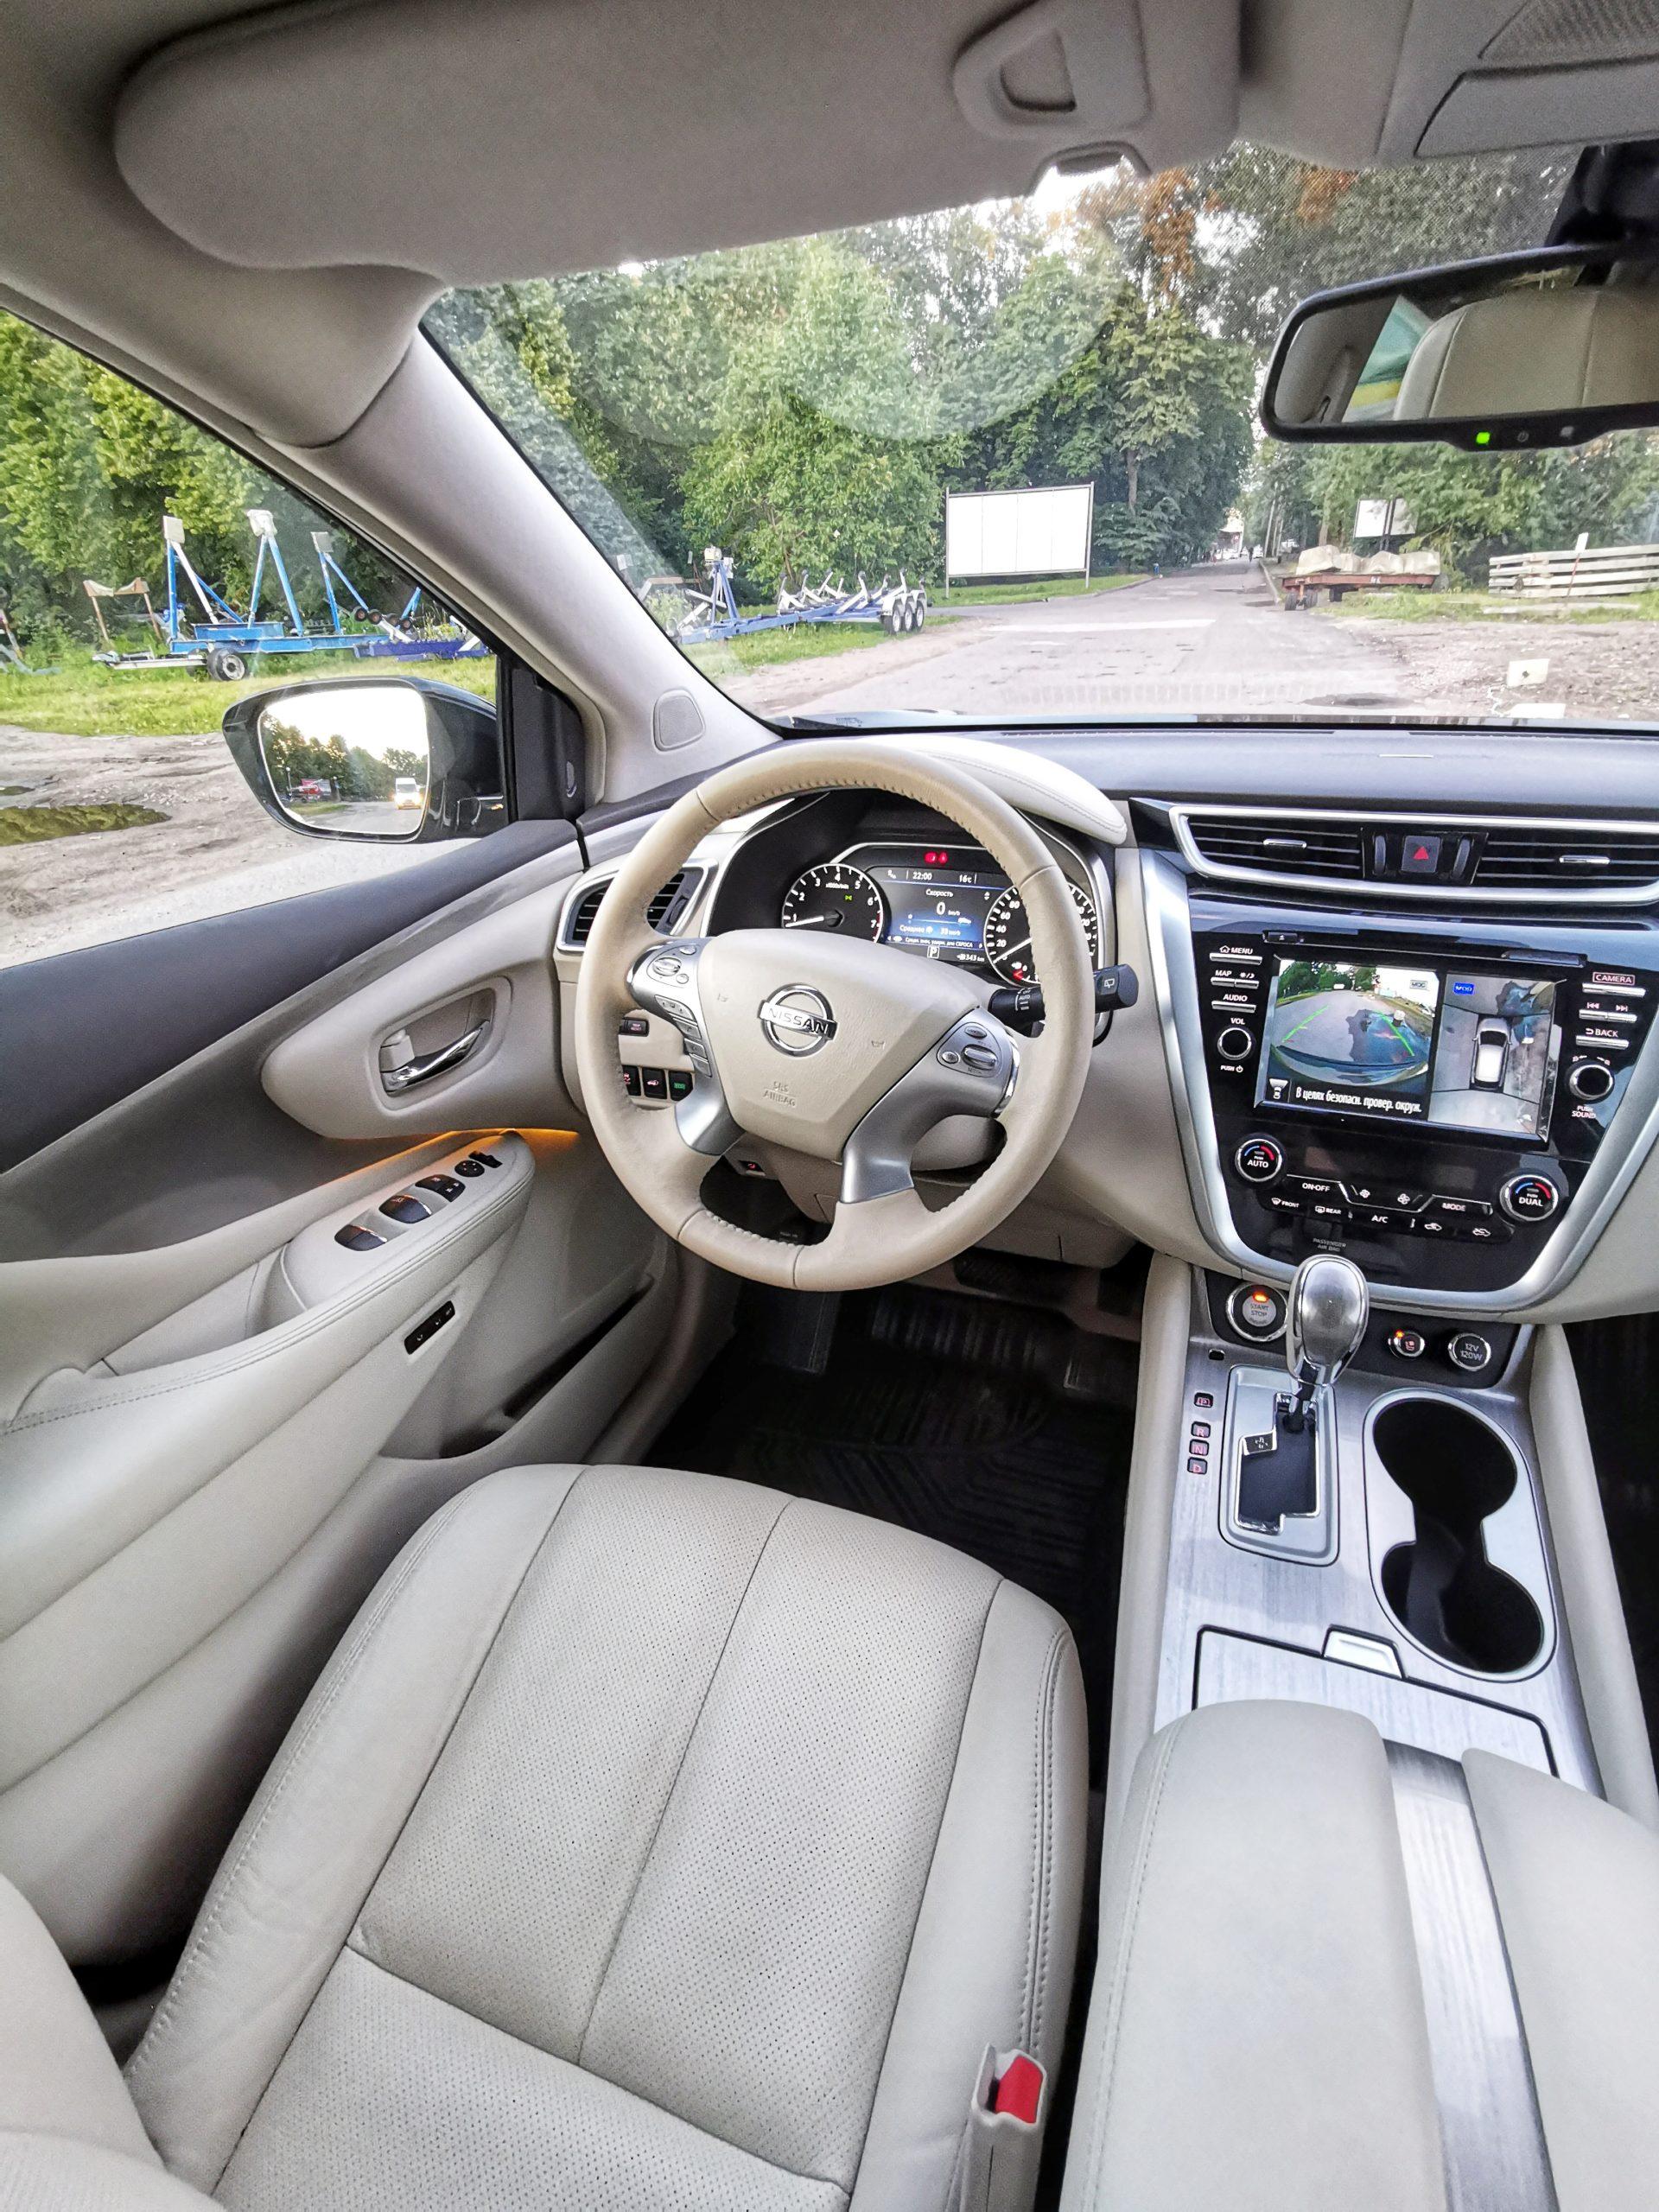 Тест-драйв Nissan Murano: неспешно и с комфортом